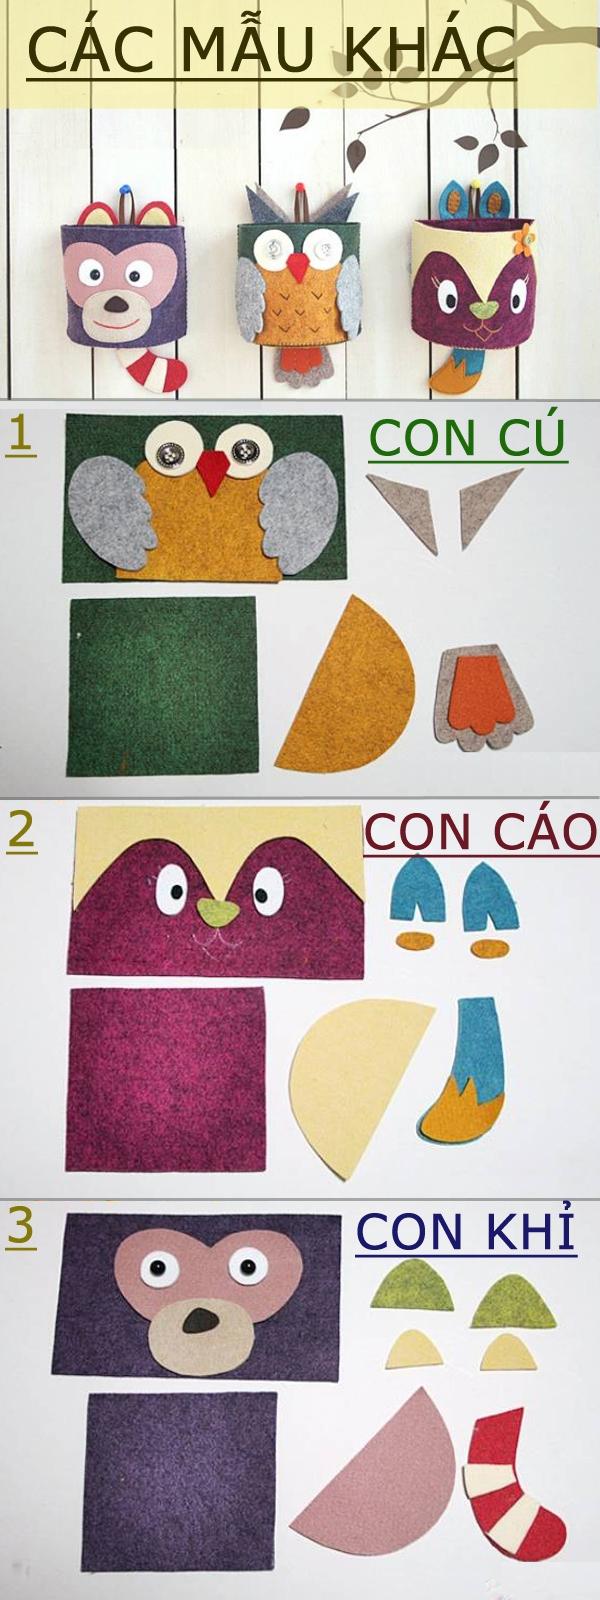 Sưu tập cách làm các kiểu túi treo ngộ nghĩnh tiện ích 4